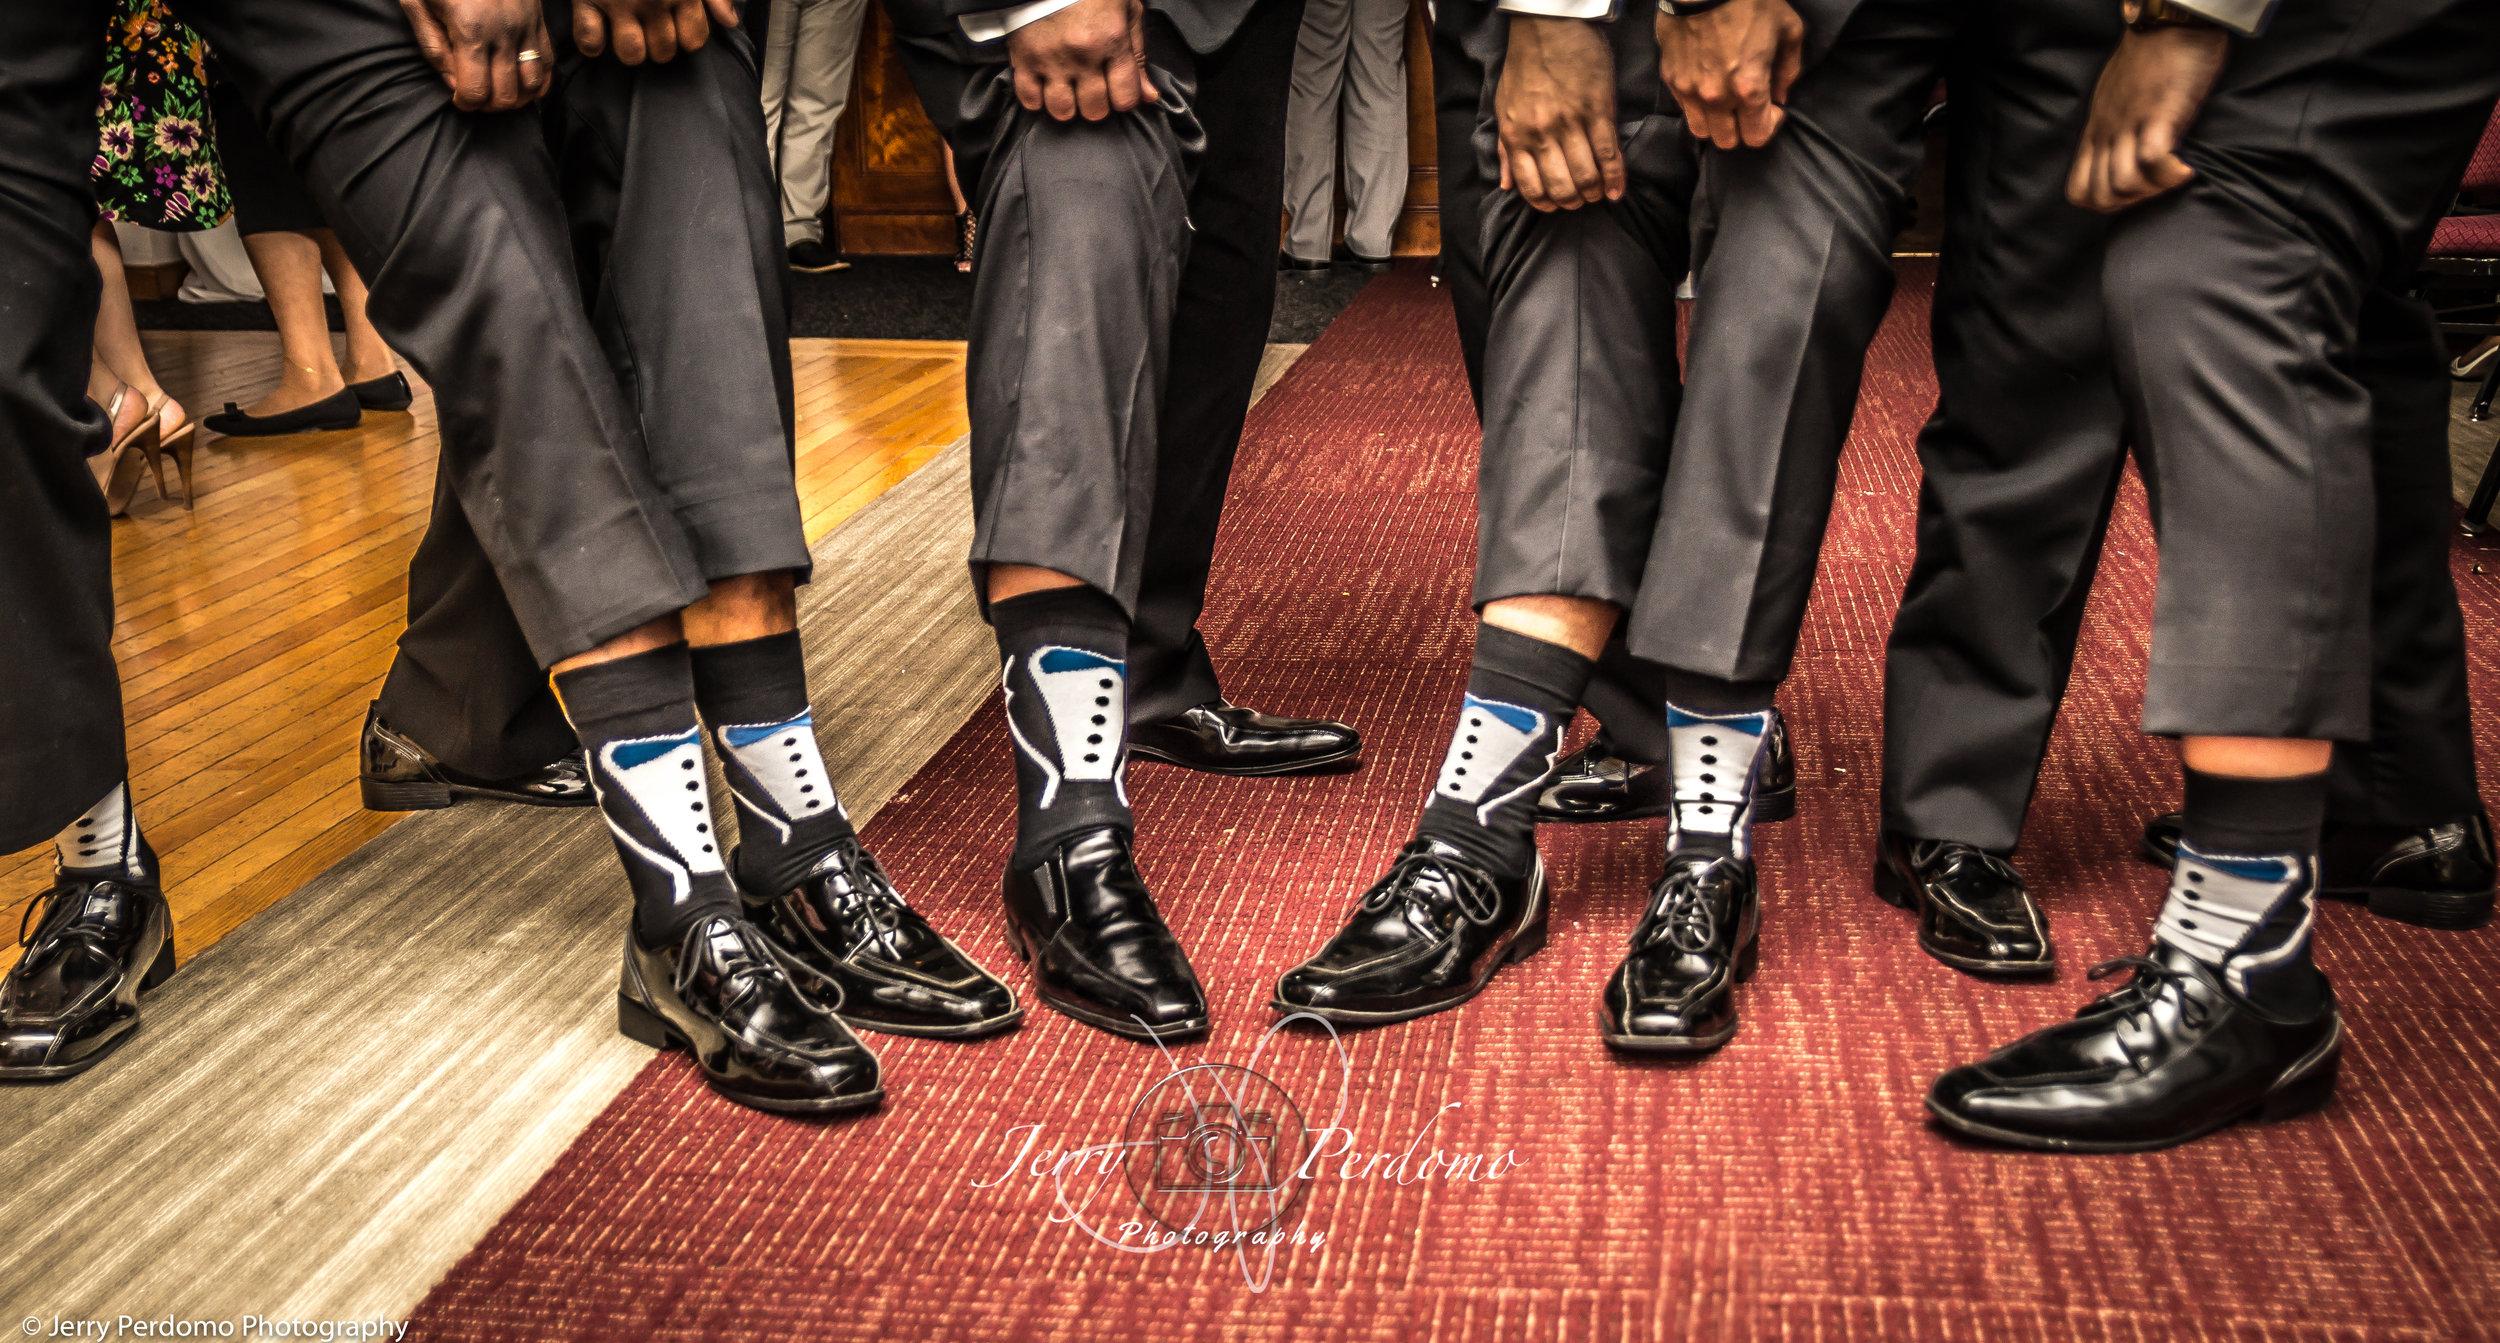 socks-1 copy.jpg